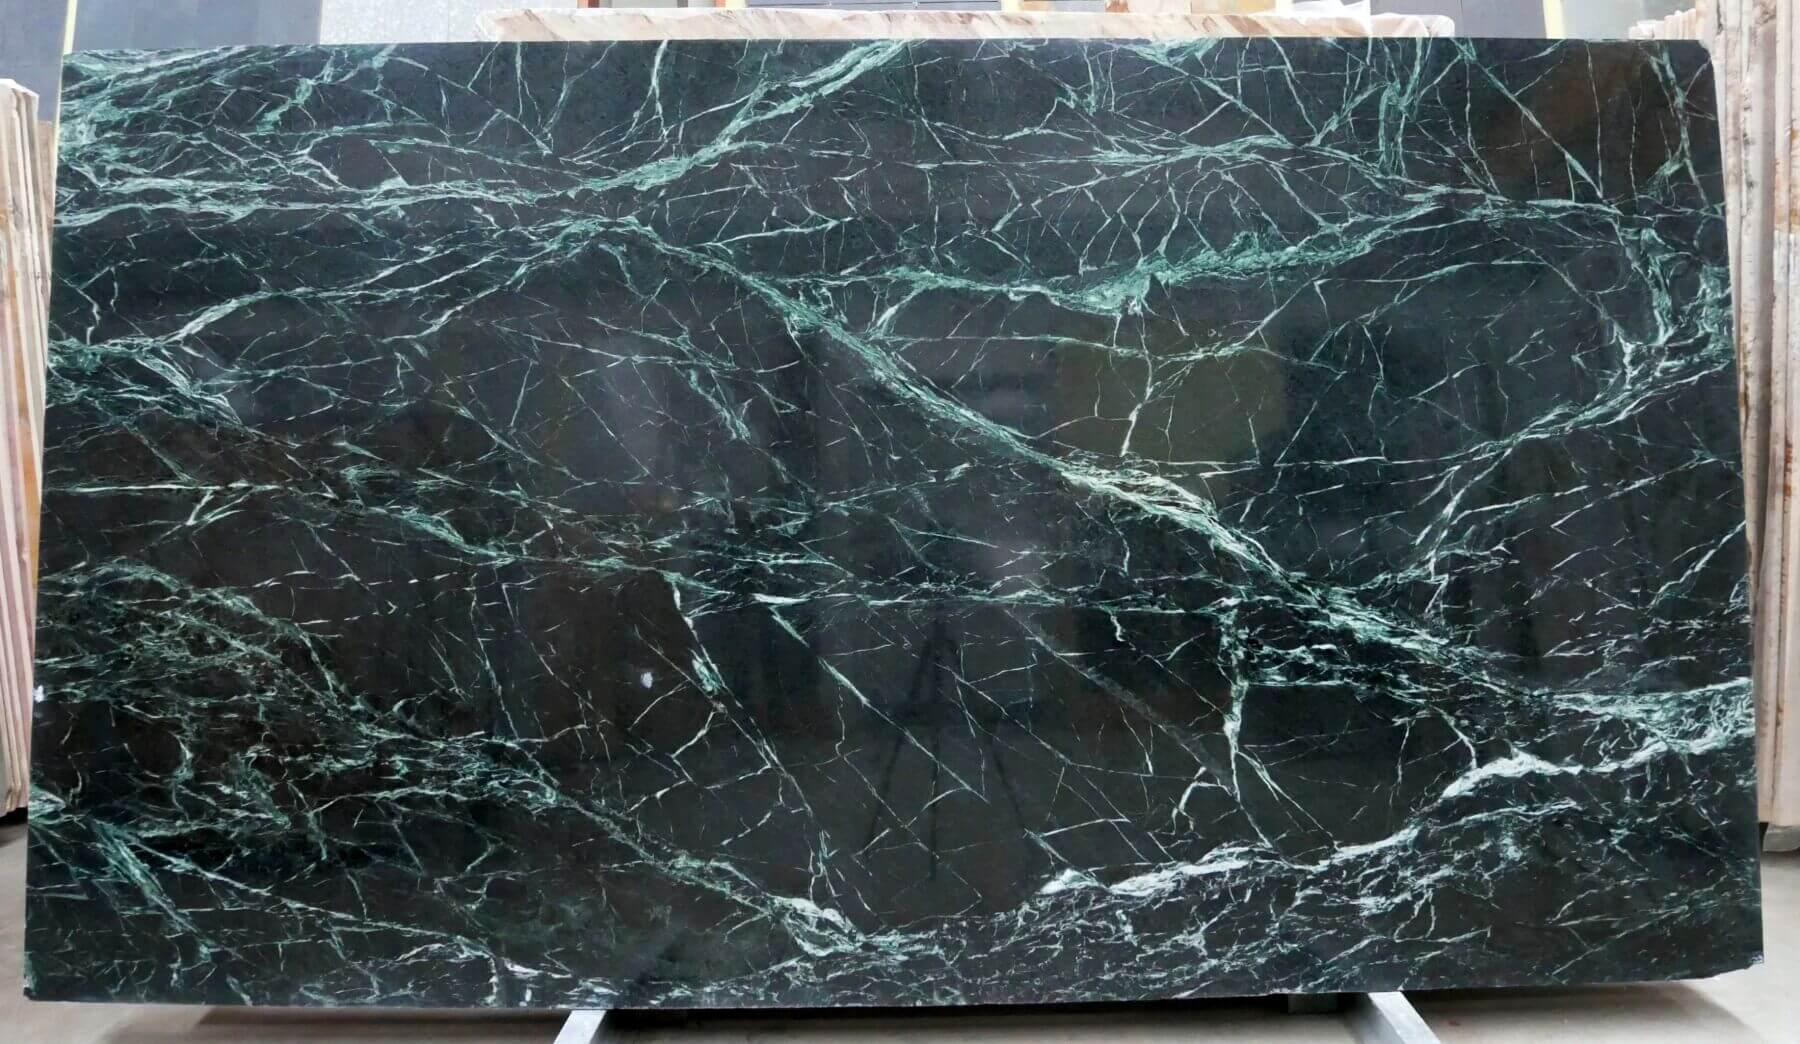 9054 290-292x135-158x3cm 17 polished sla